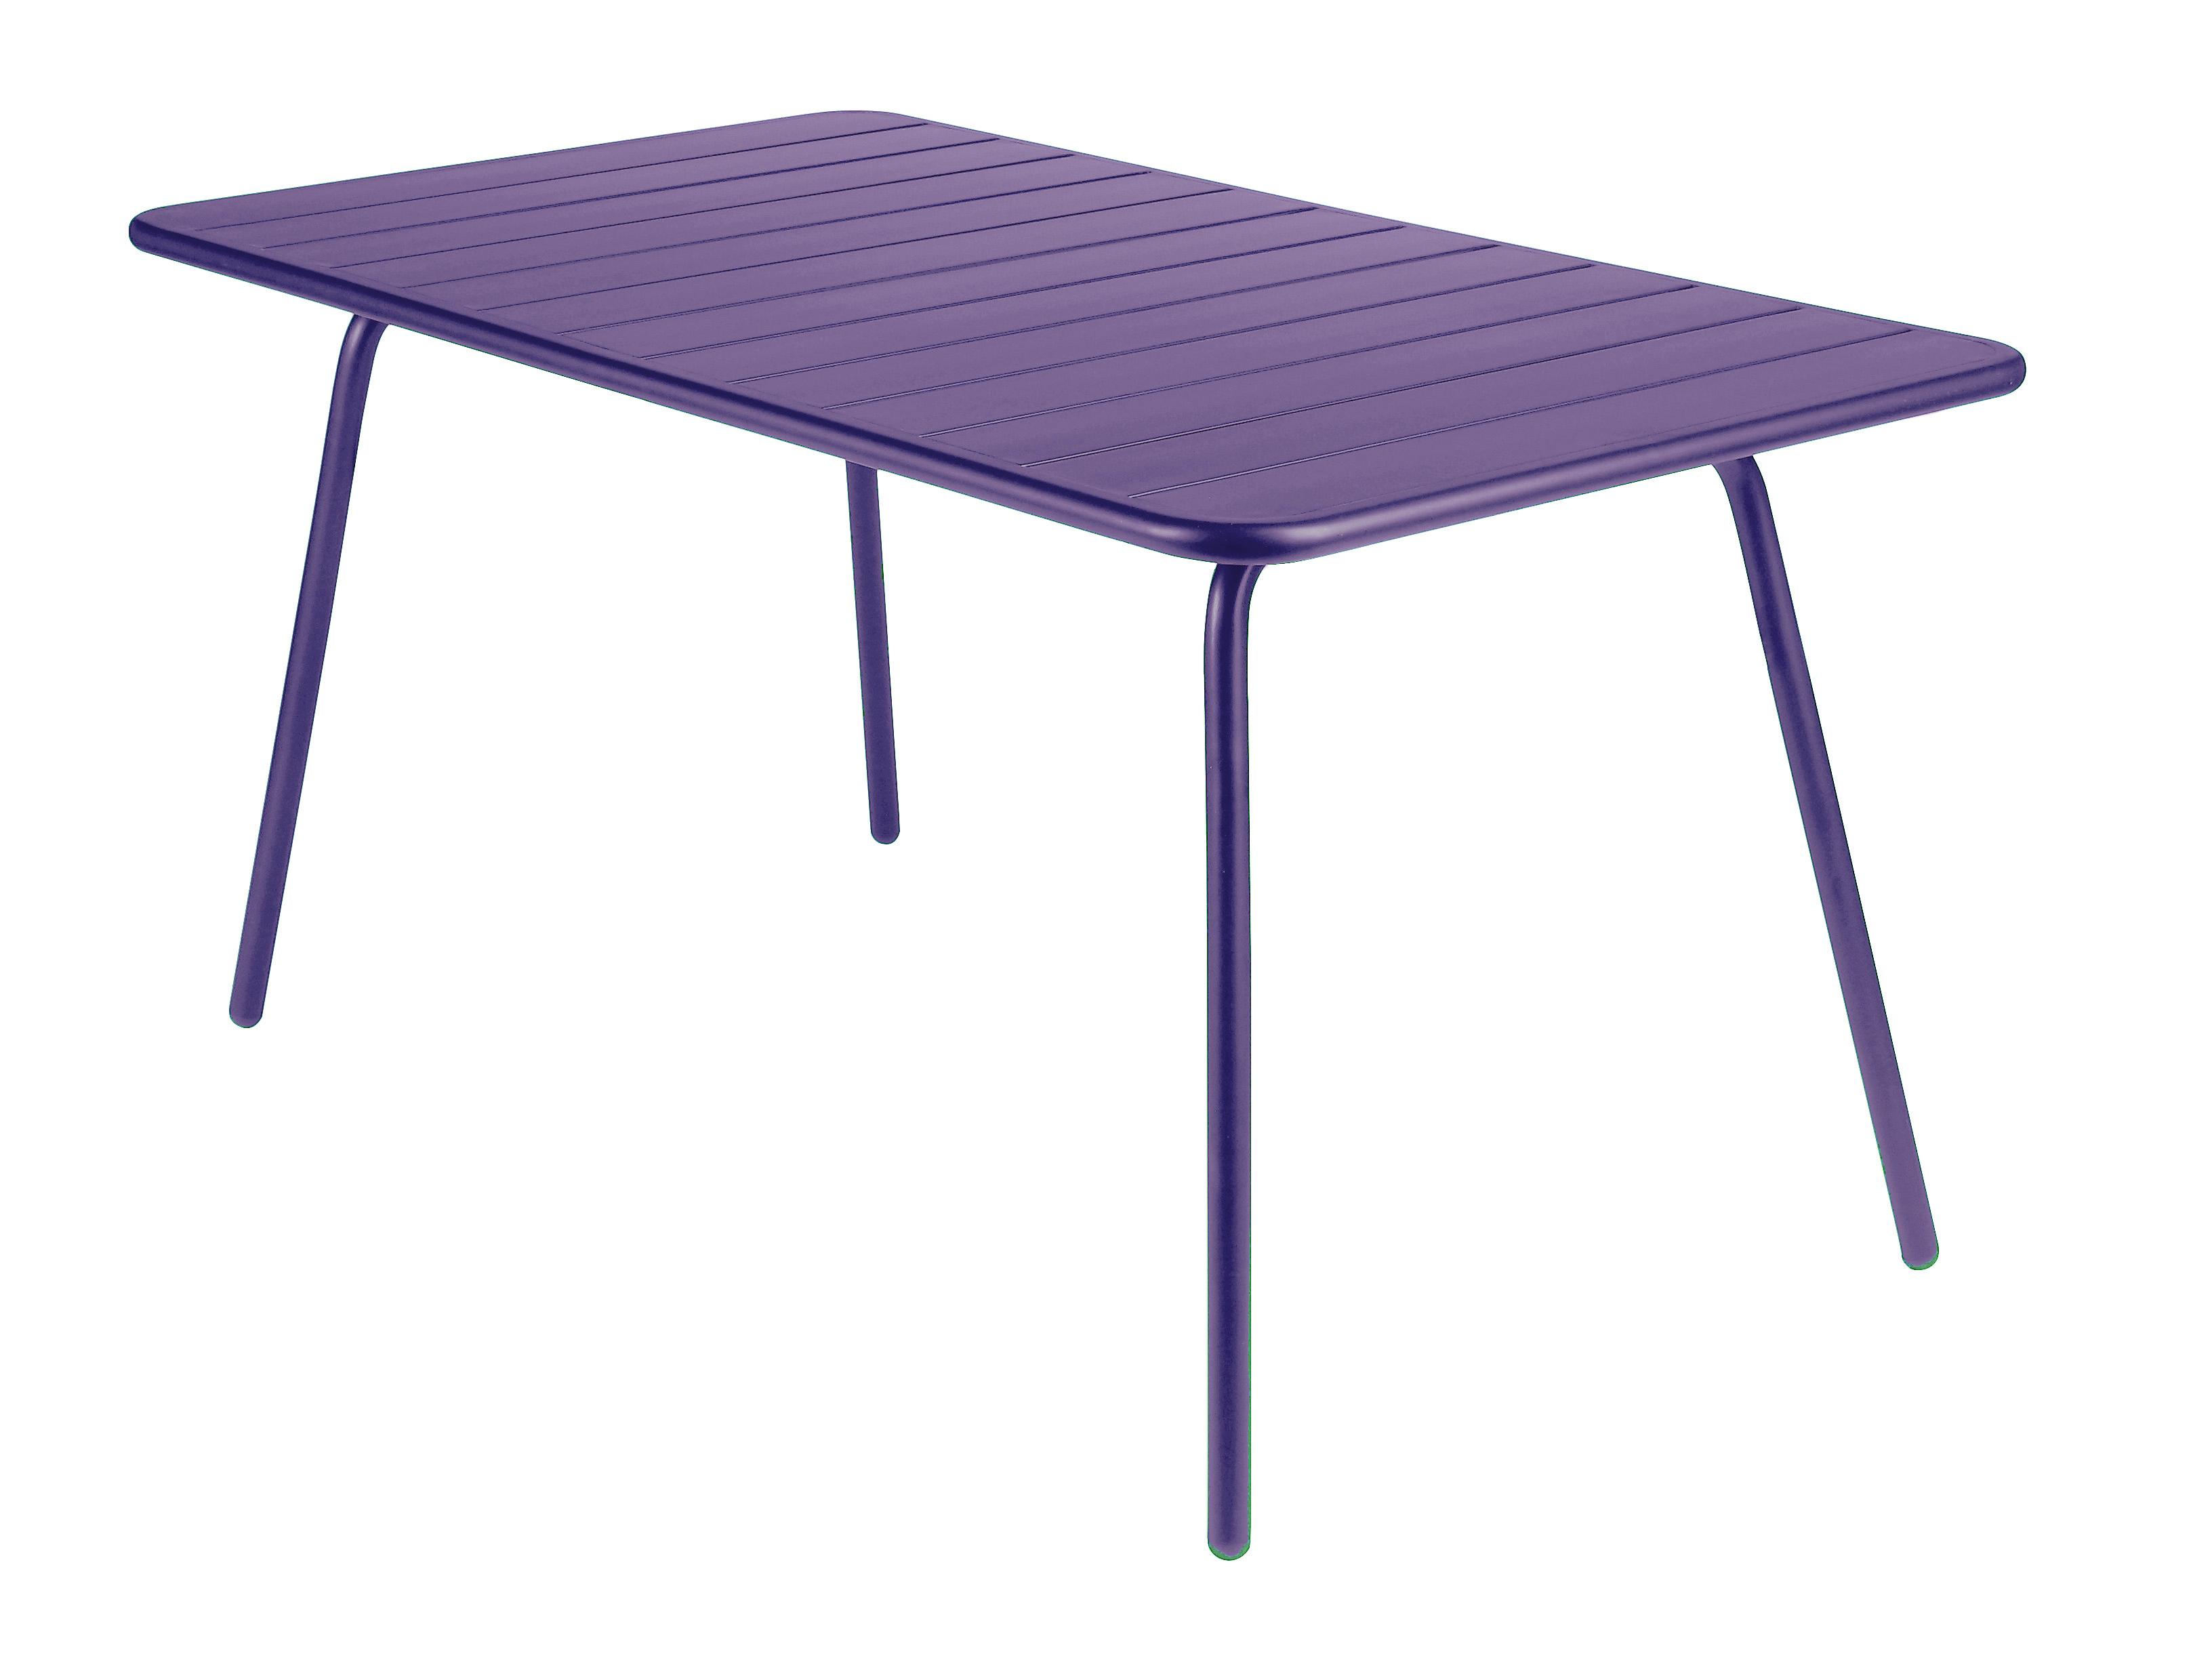 ルクセンブールテーブル80x143プラム